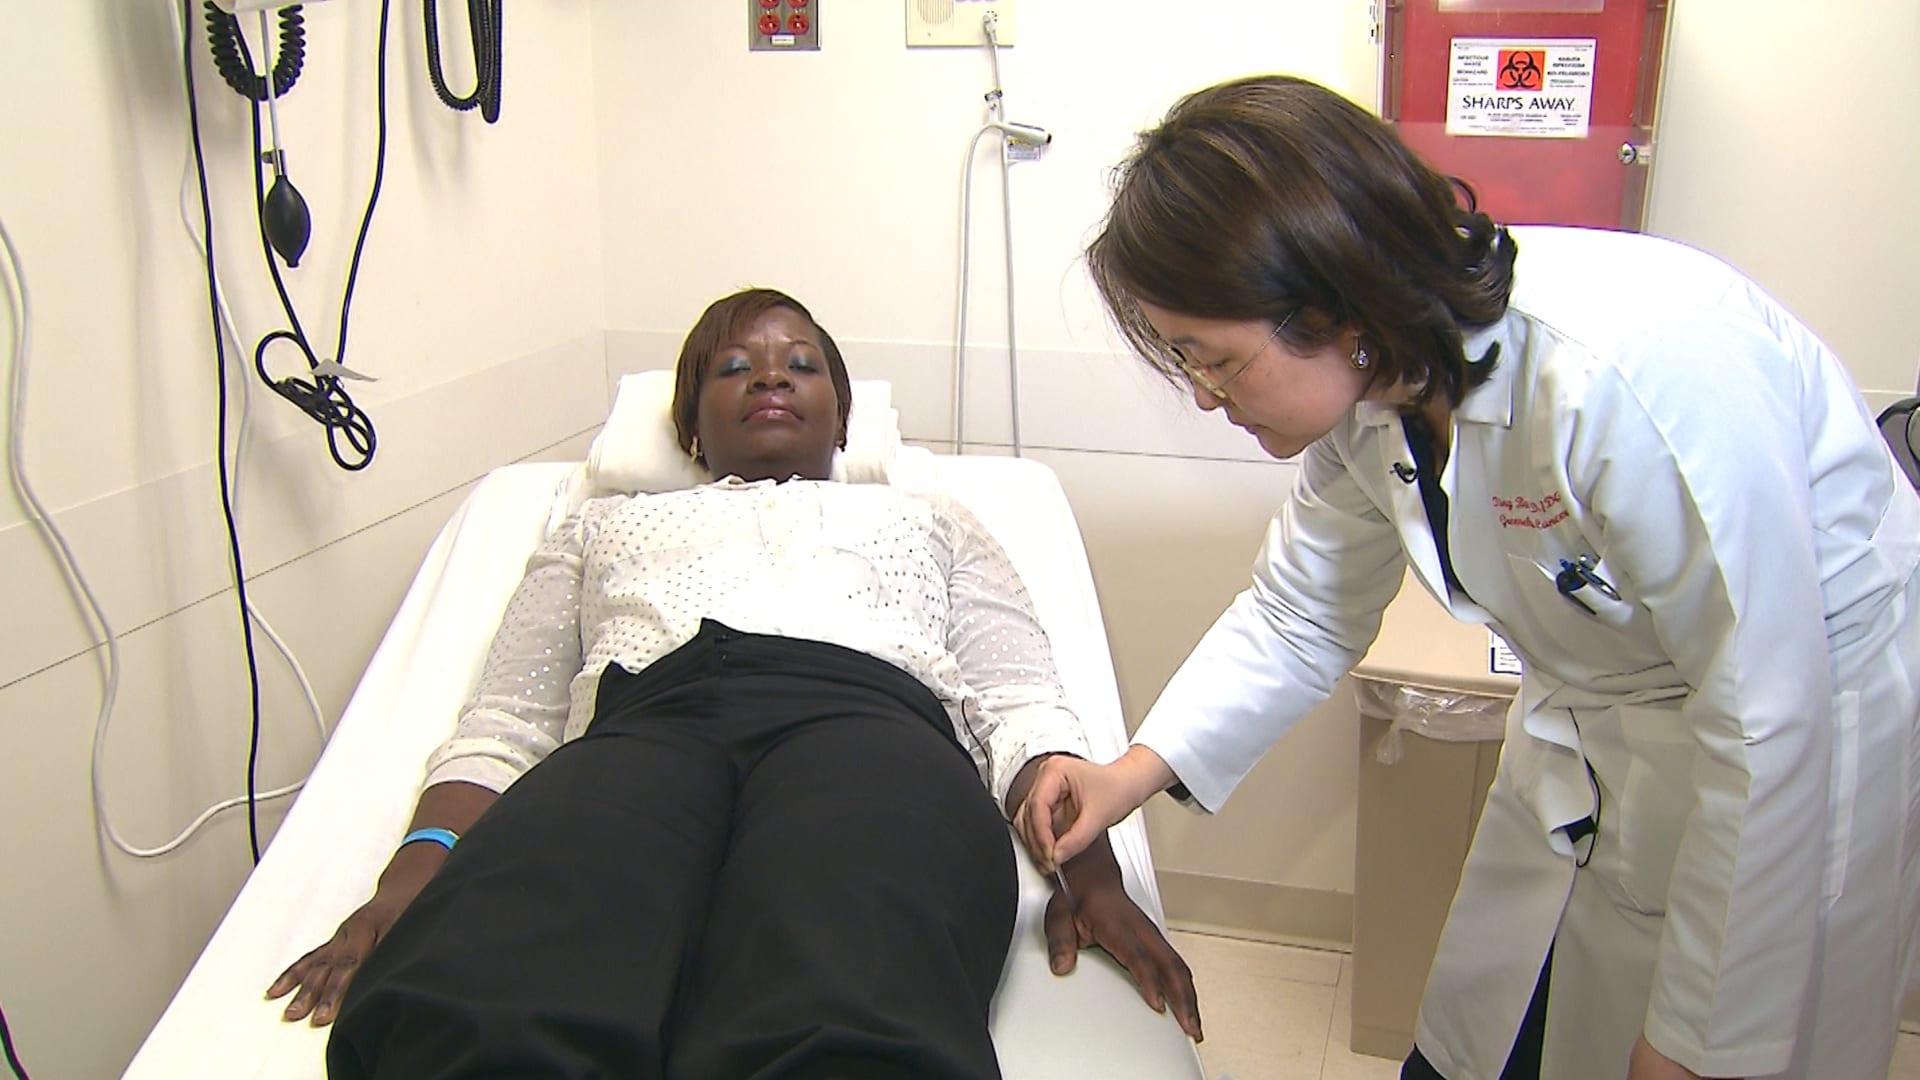 هل يفيد استخدام الوخز بالإبر كعلاج للآلام التي يسببها مرض السرطان؟